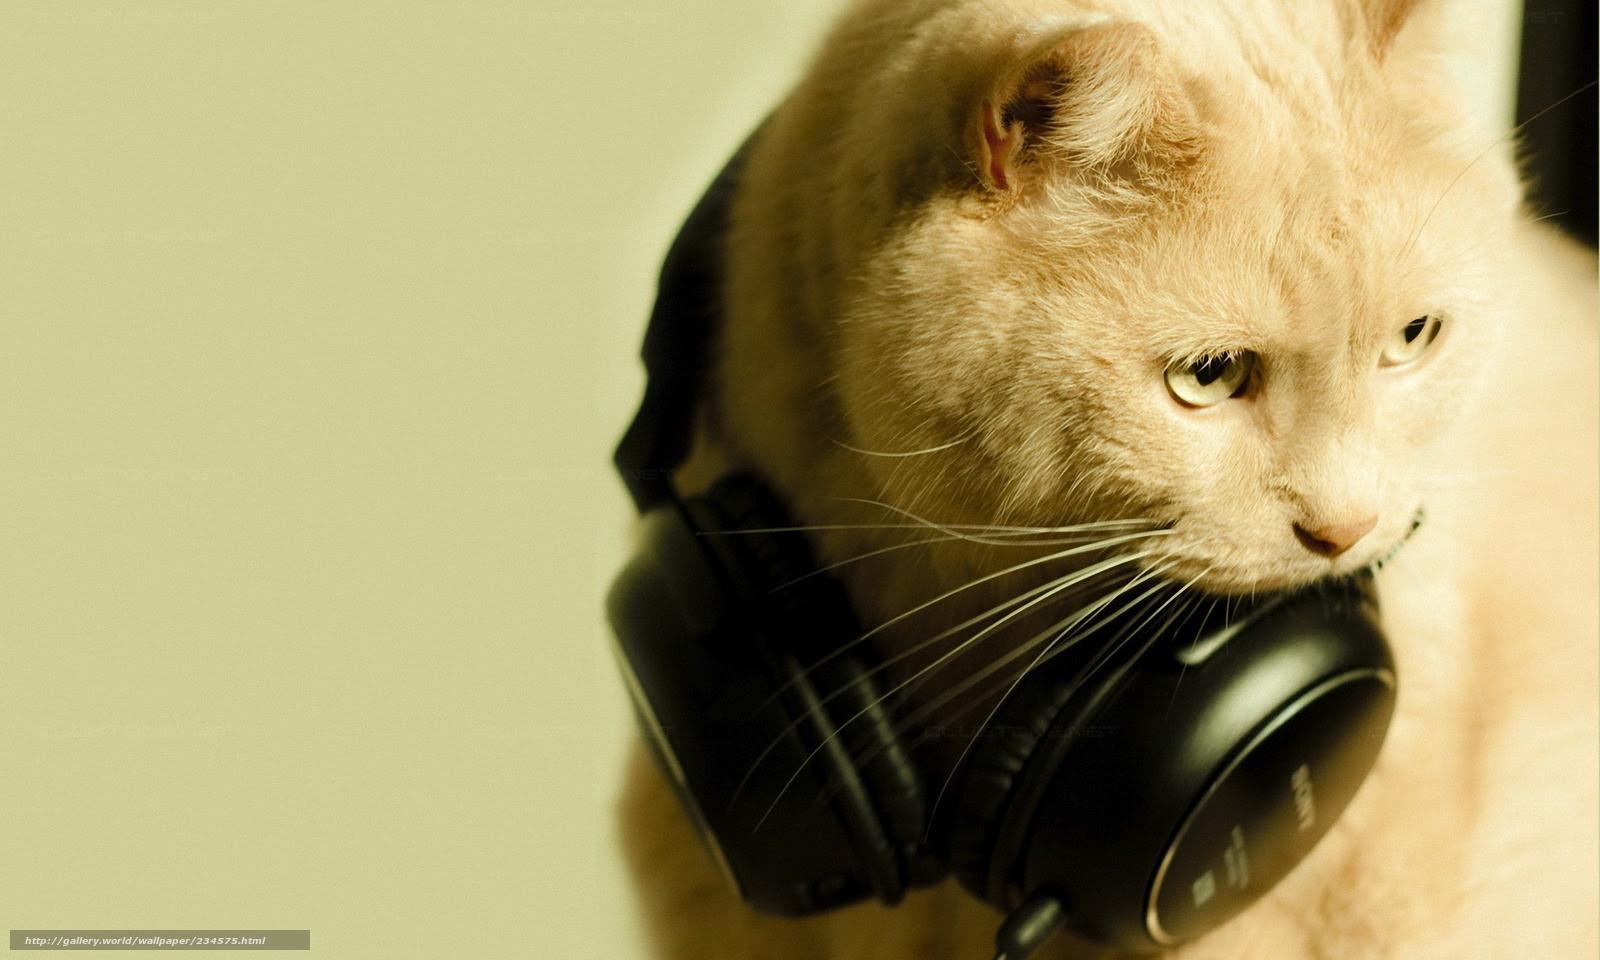 壁紙をダウンロード 猫 ヘッドフォン マクロ デスクトップの解像度の